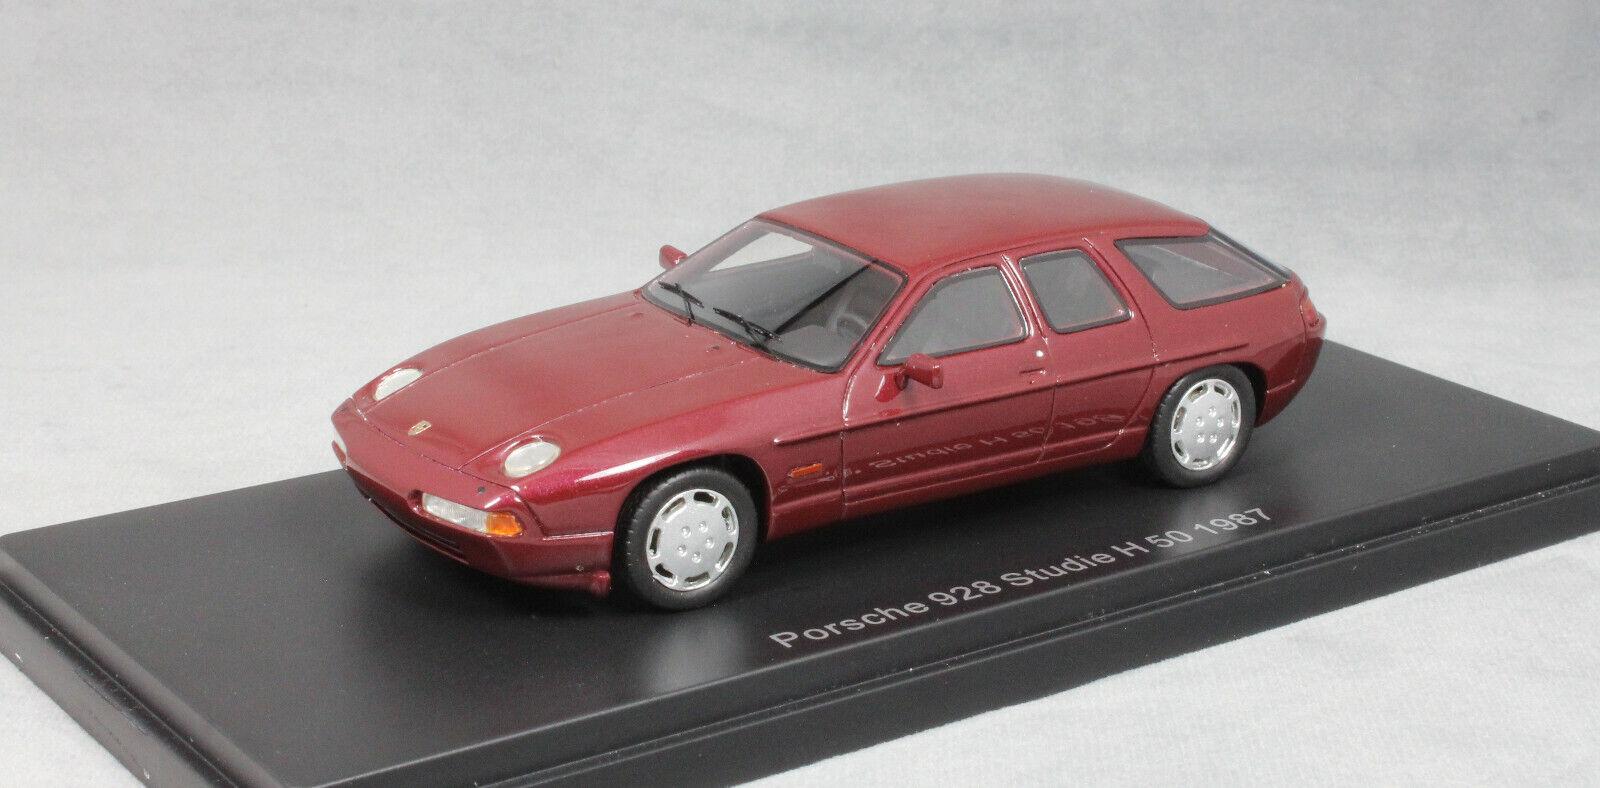 NEO MODELS PORSCHE 928 H50 concept car en Rouge Foncé 1987 47130 1 43 NEUF